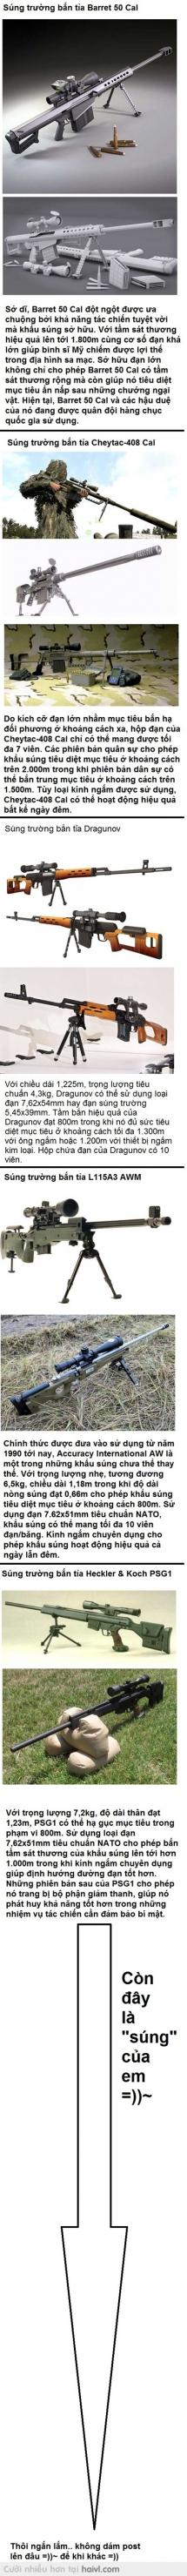 Những khẩu súng bắn tỉa đáng sợ nhất thế giới :)